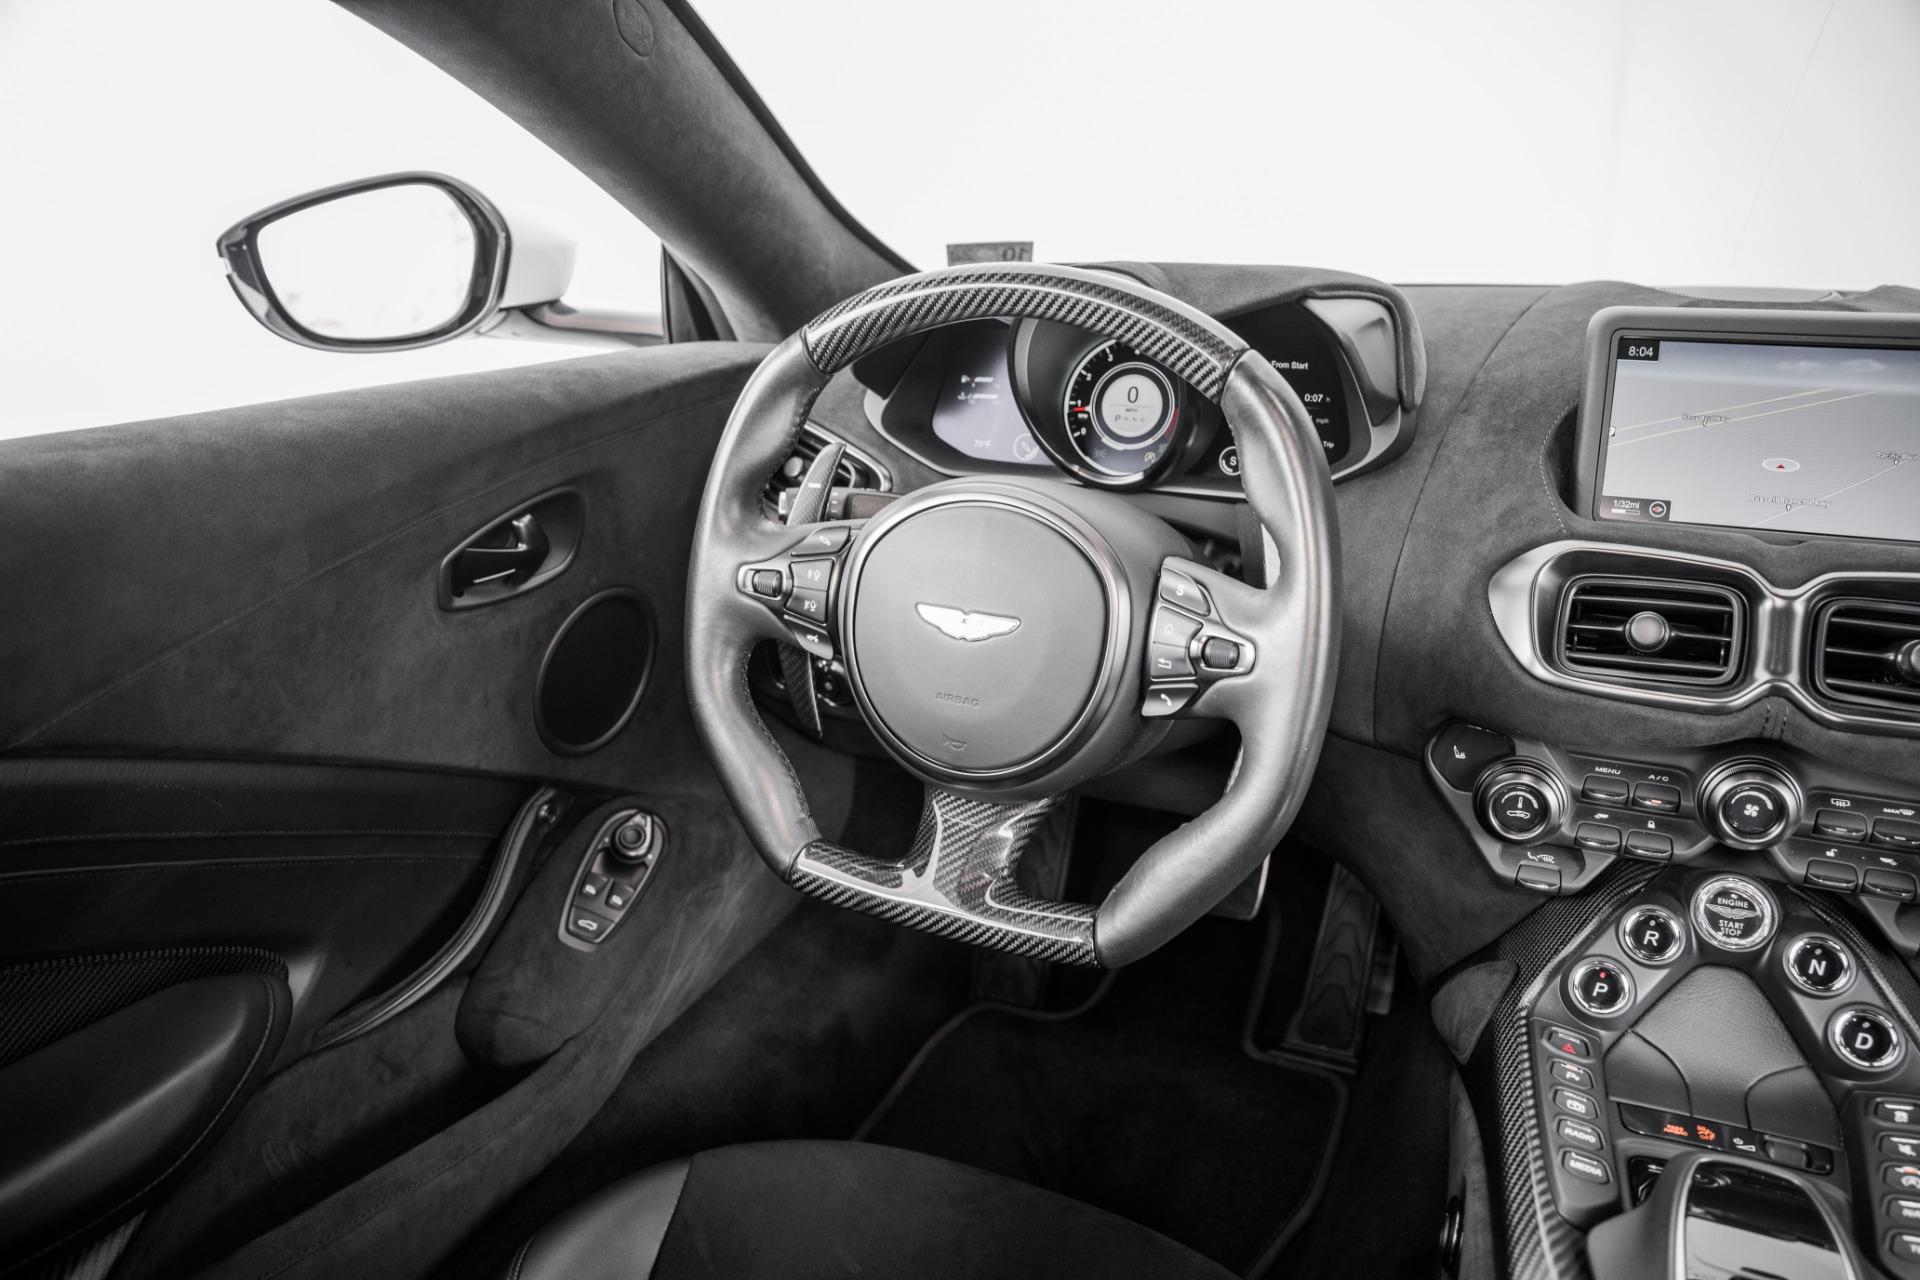 2020 Aston Martin Vantage Stock 2n03301 For Sale Near Vienna Va Va Aston Martin Dealer